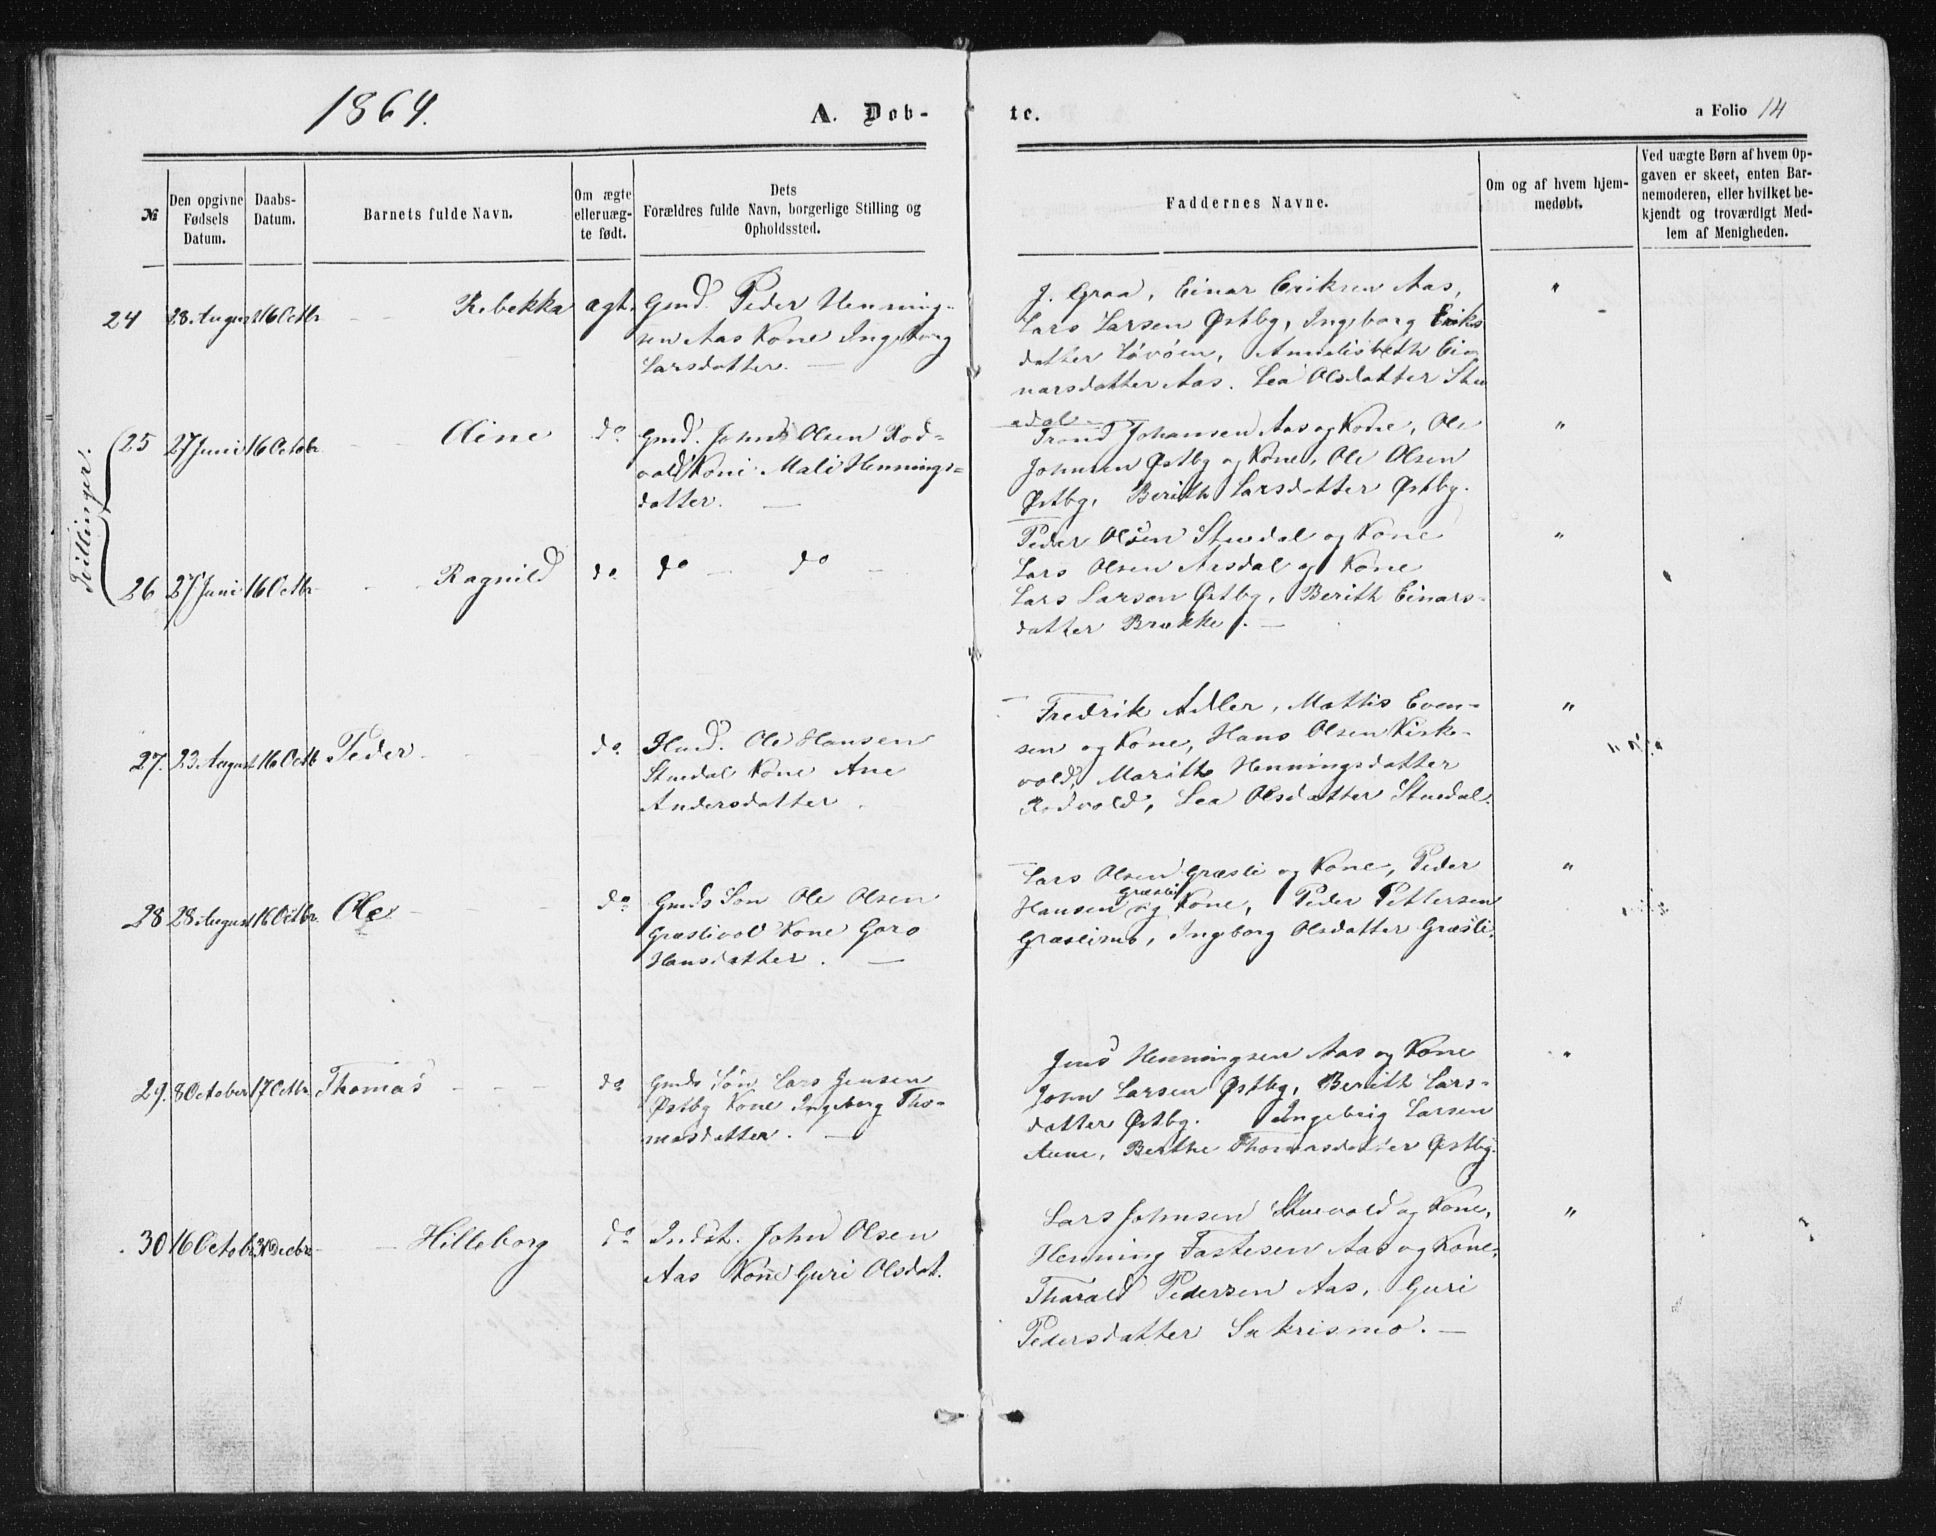 SAT, Ministerialprotokoller, klokkerbøker og fødselsregistre - Sør-Trøndelag, 698/L1166: Klokkerbok nr. 698C03, 1861-1887, s. 14